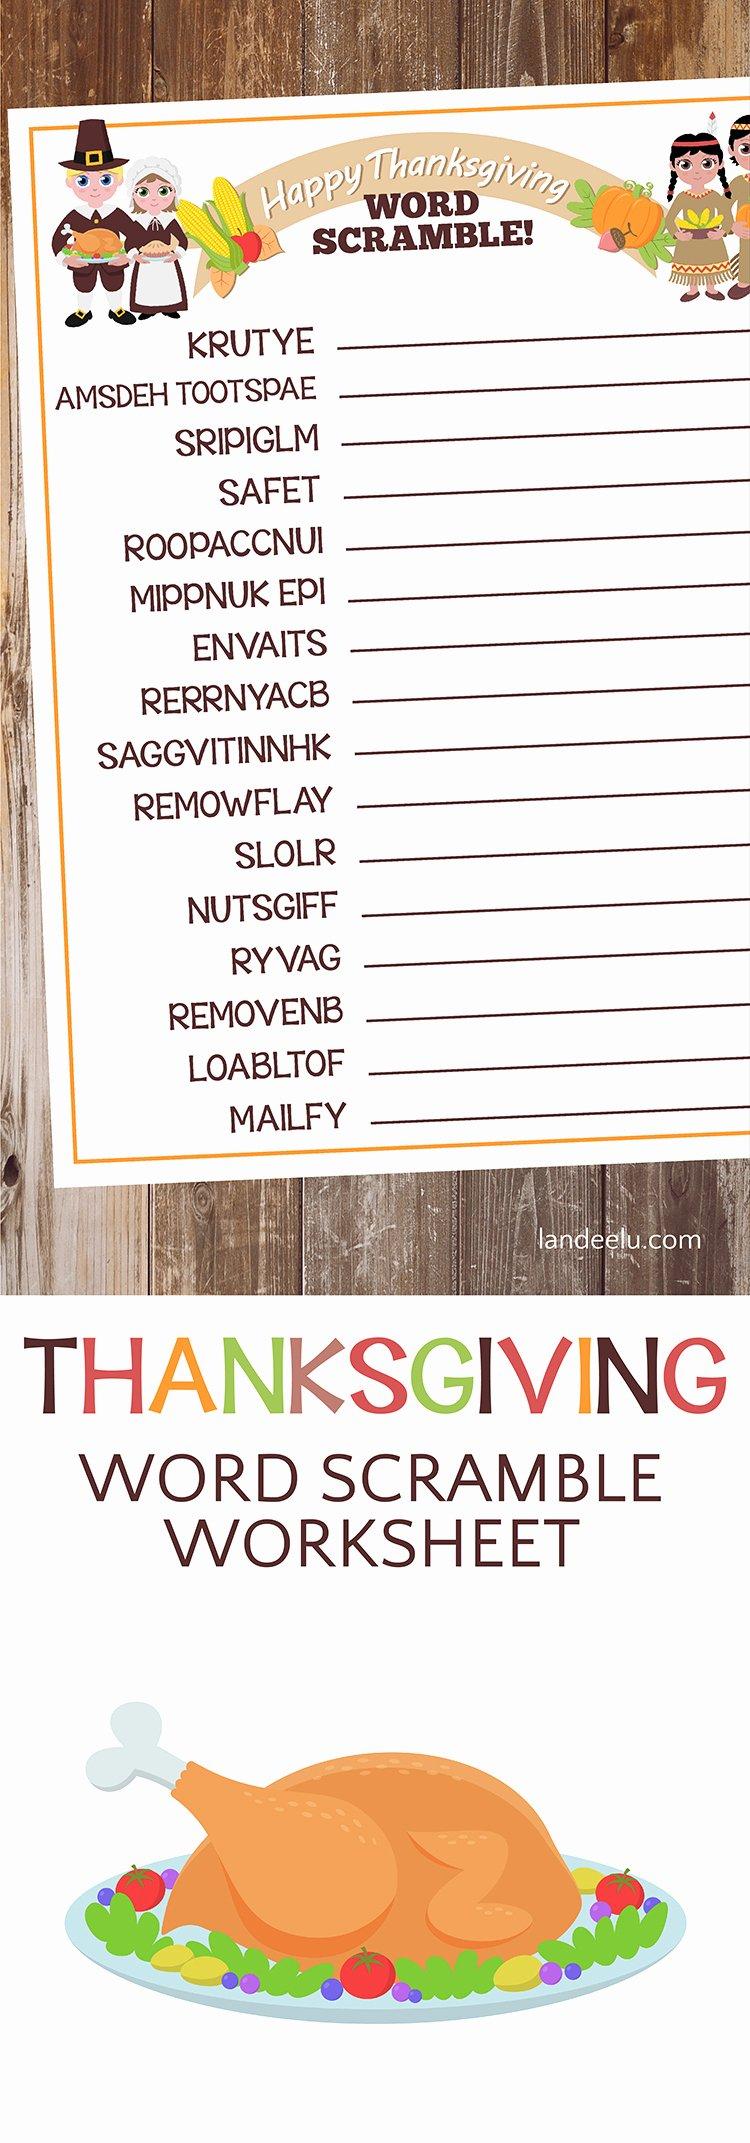 Free Fall Worksheet Answers Best Of Thanksgiving Worksheet Word Scramble Landeelu